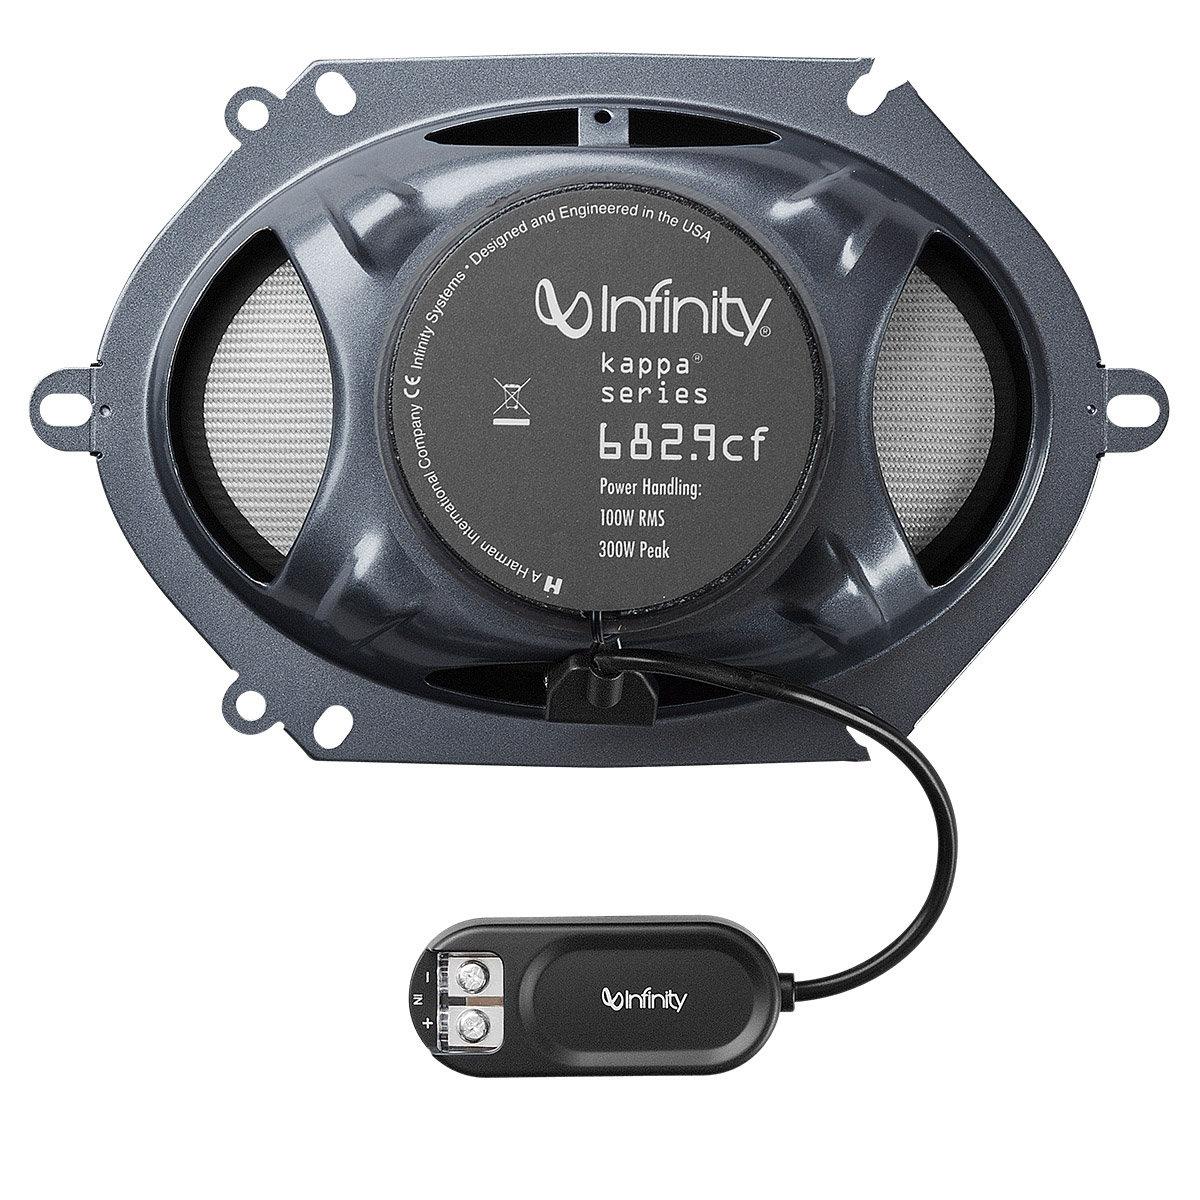 Infinity Kappa Car Speakers